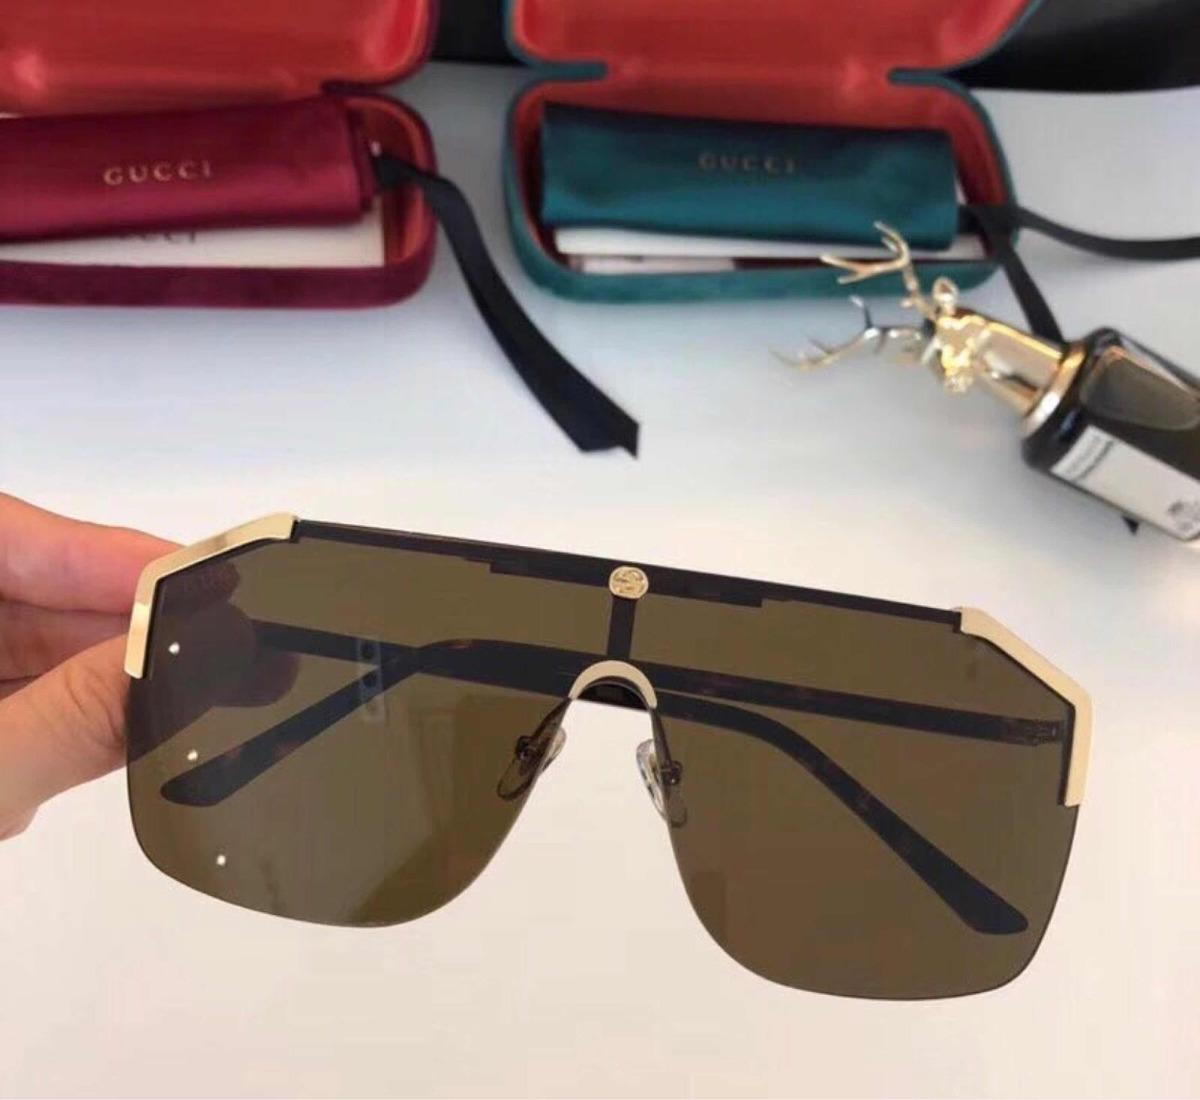 ed7e1372f8724 óculos gucci máscara marron novo original. Carregando zoom.